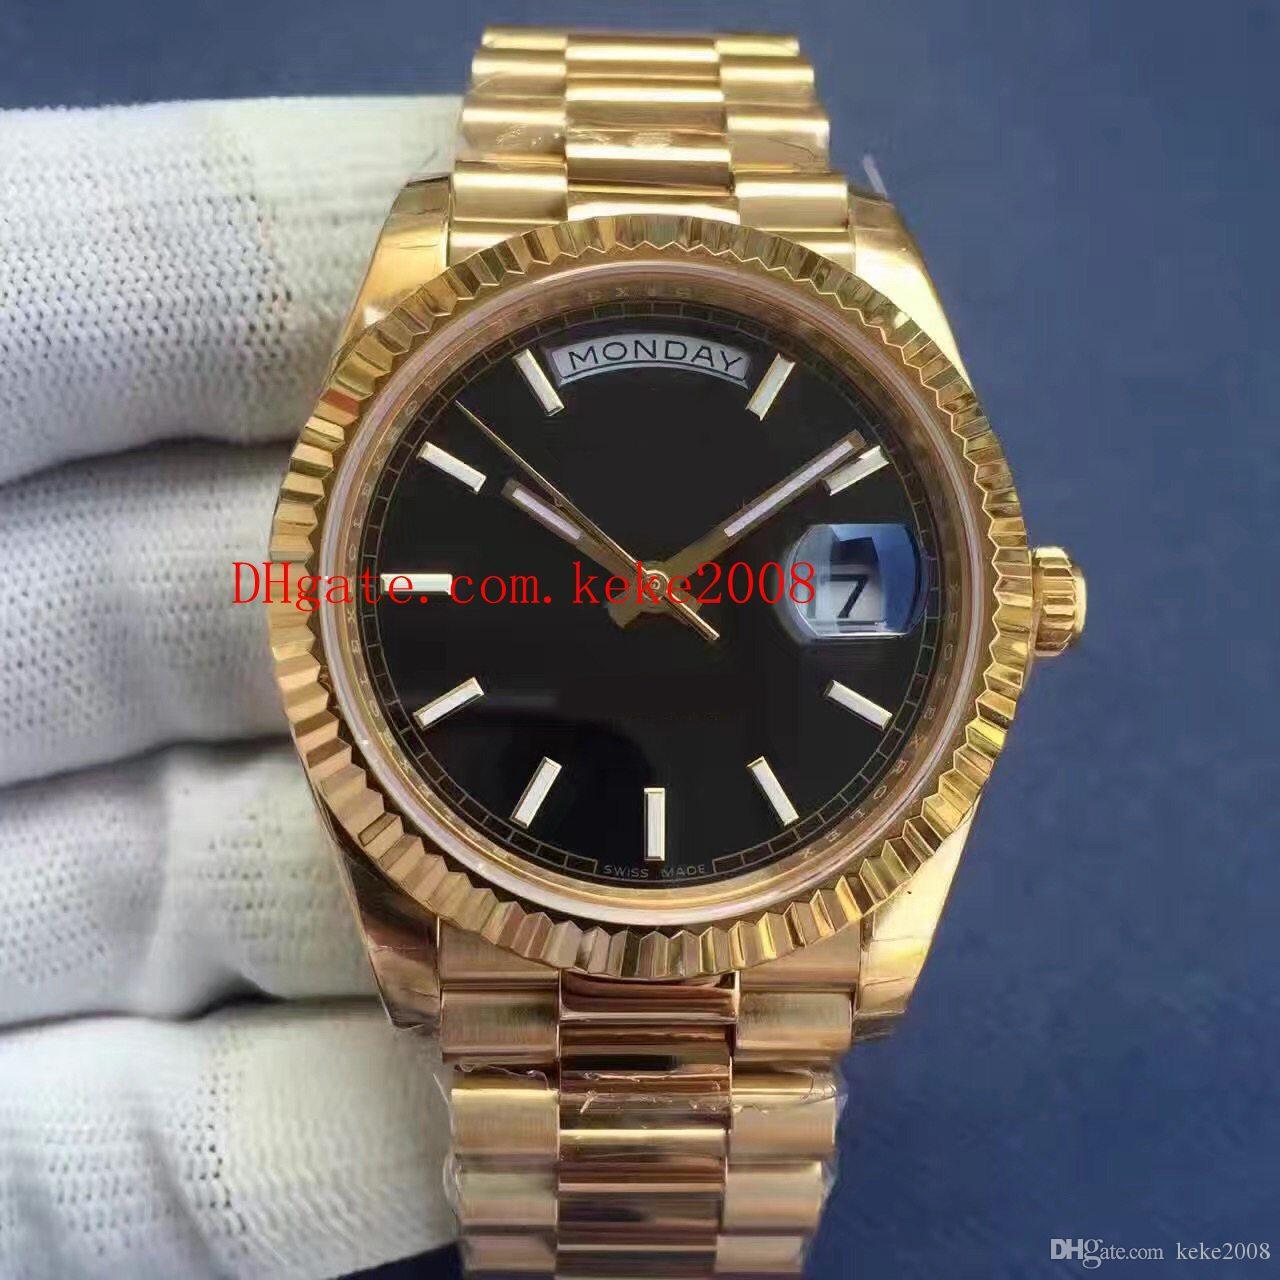 3 Cor de Luxo Melhor Relógio EW Fábrica V2 40mm 218399 228238 Presidente Dia-Date 18 K Ouro Aço Suíço CAL.3255 Movimento Automático Homens Relógios